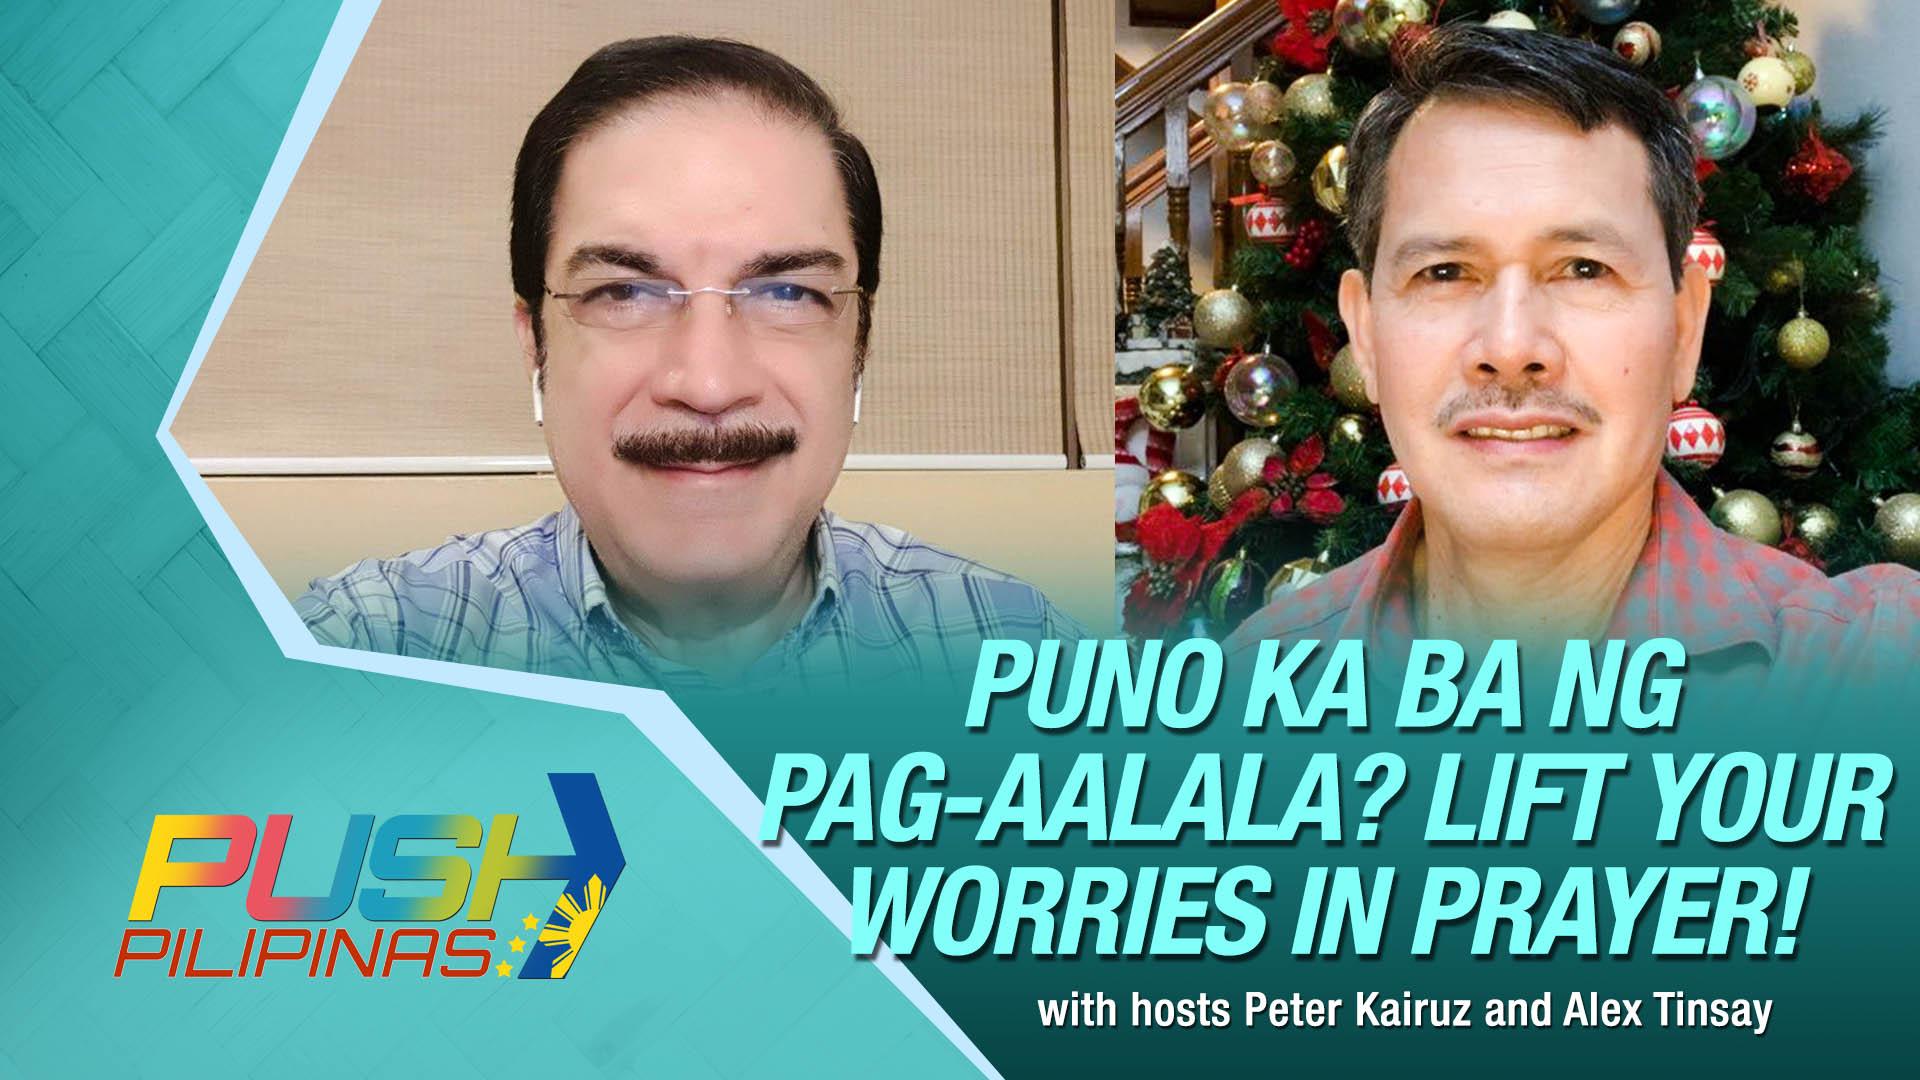 CBN Asia LIVE | Puno ka ba ng Pag-aalala? Lift Your Worries in Prayer | PUSH Pilipinas